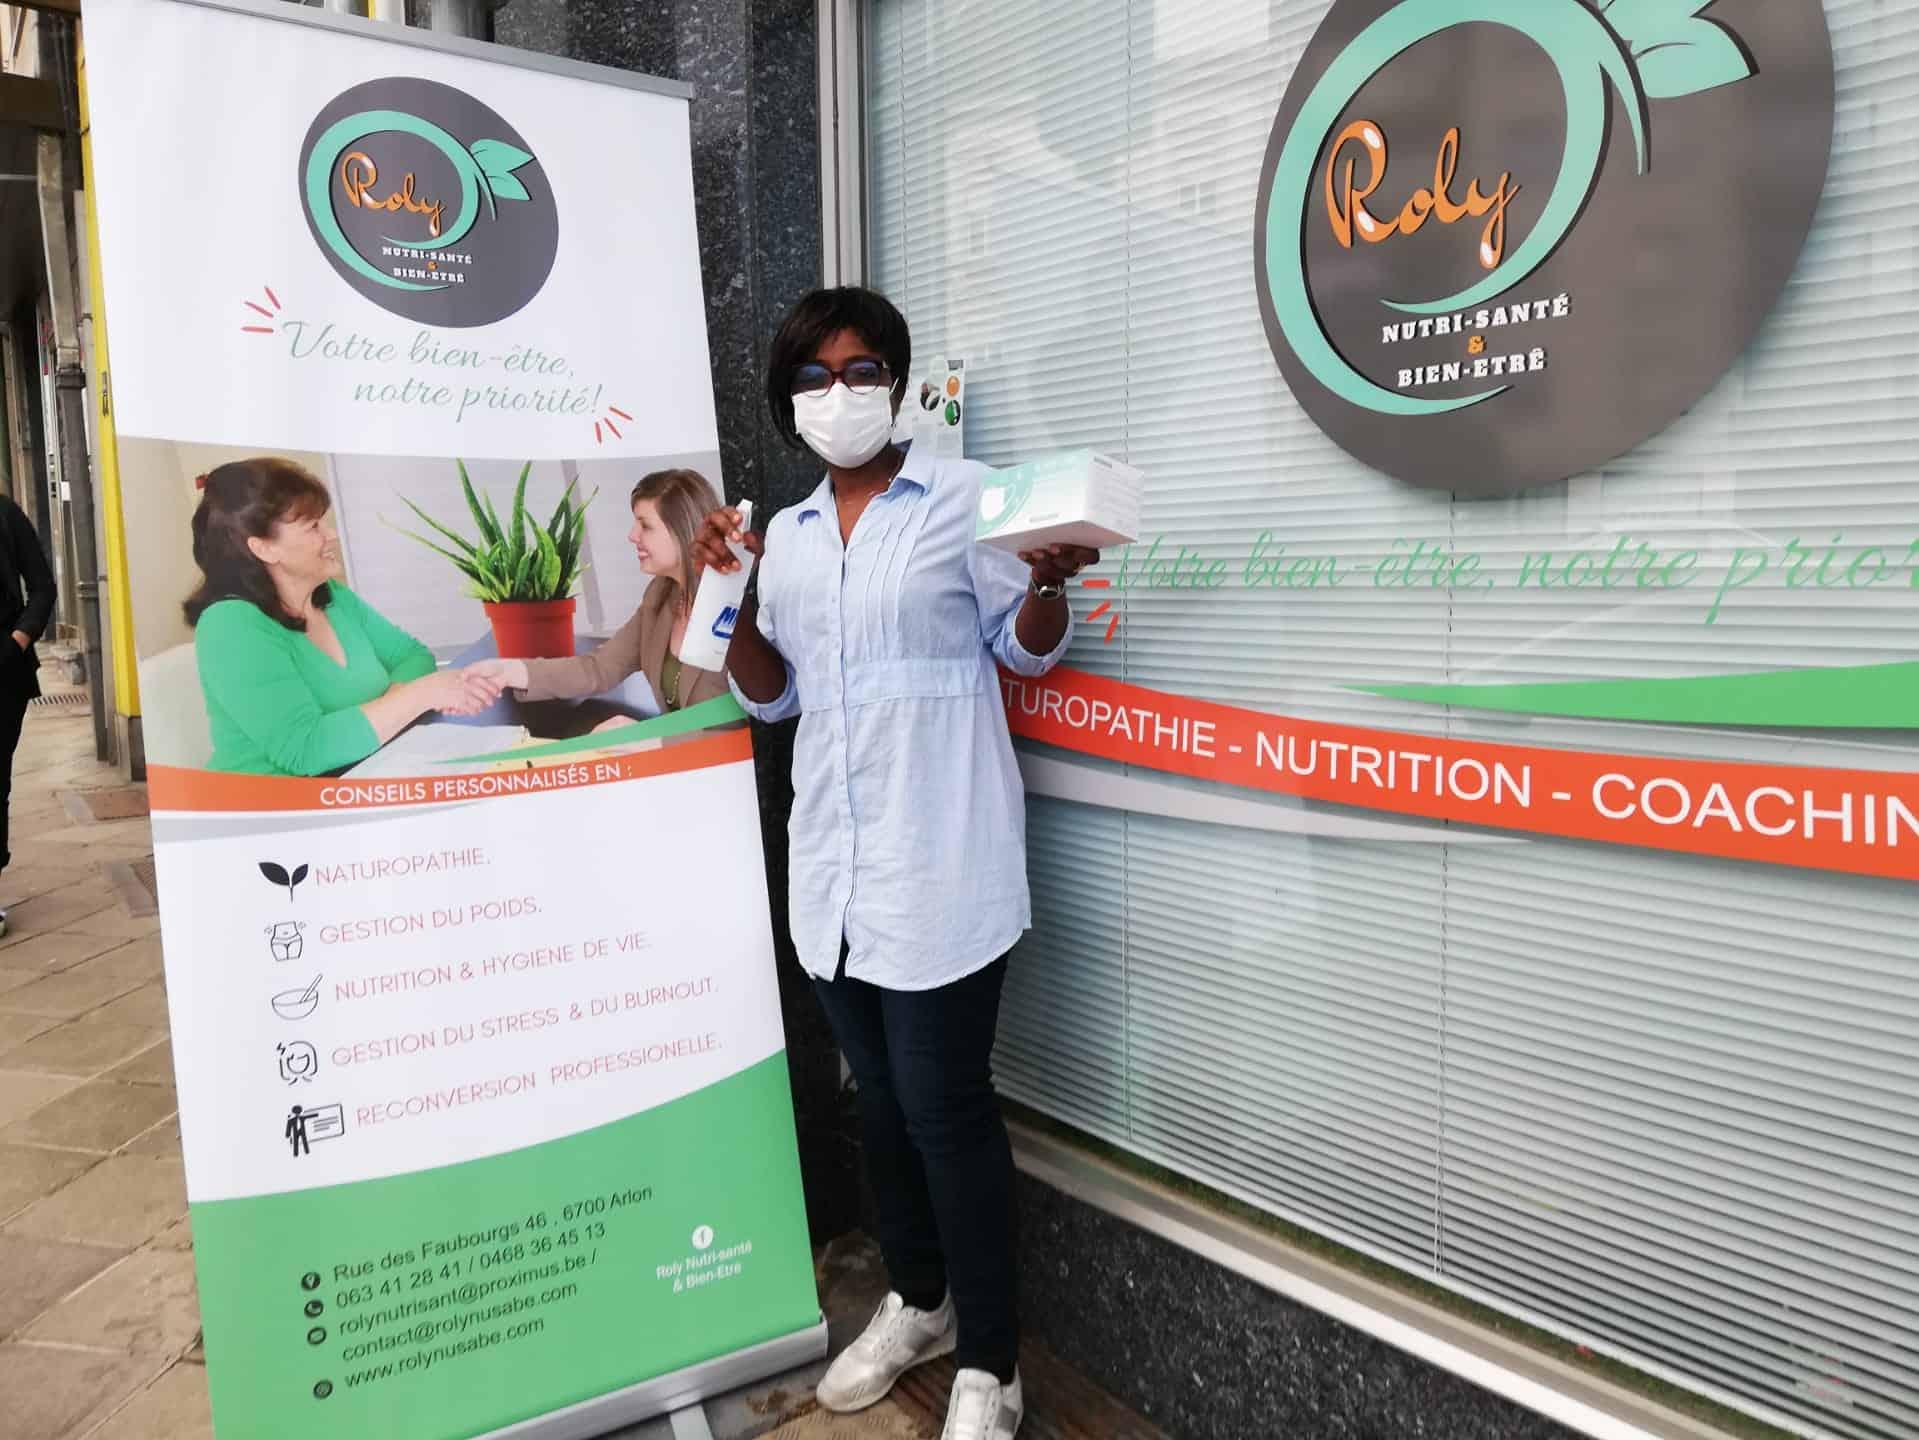 Roly Nutri-Santé & Bien-Être Arlon